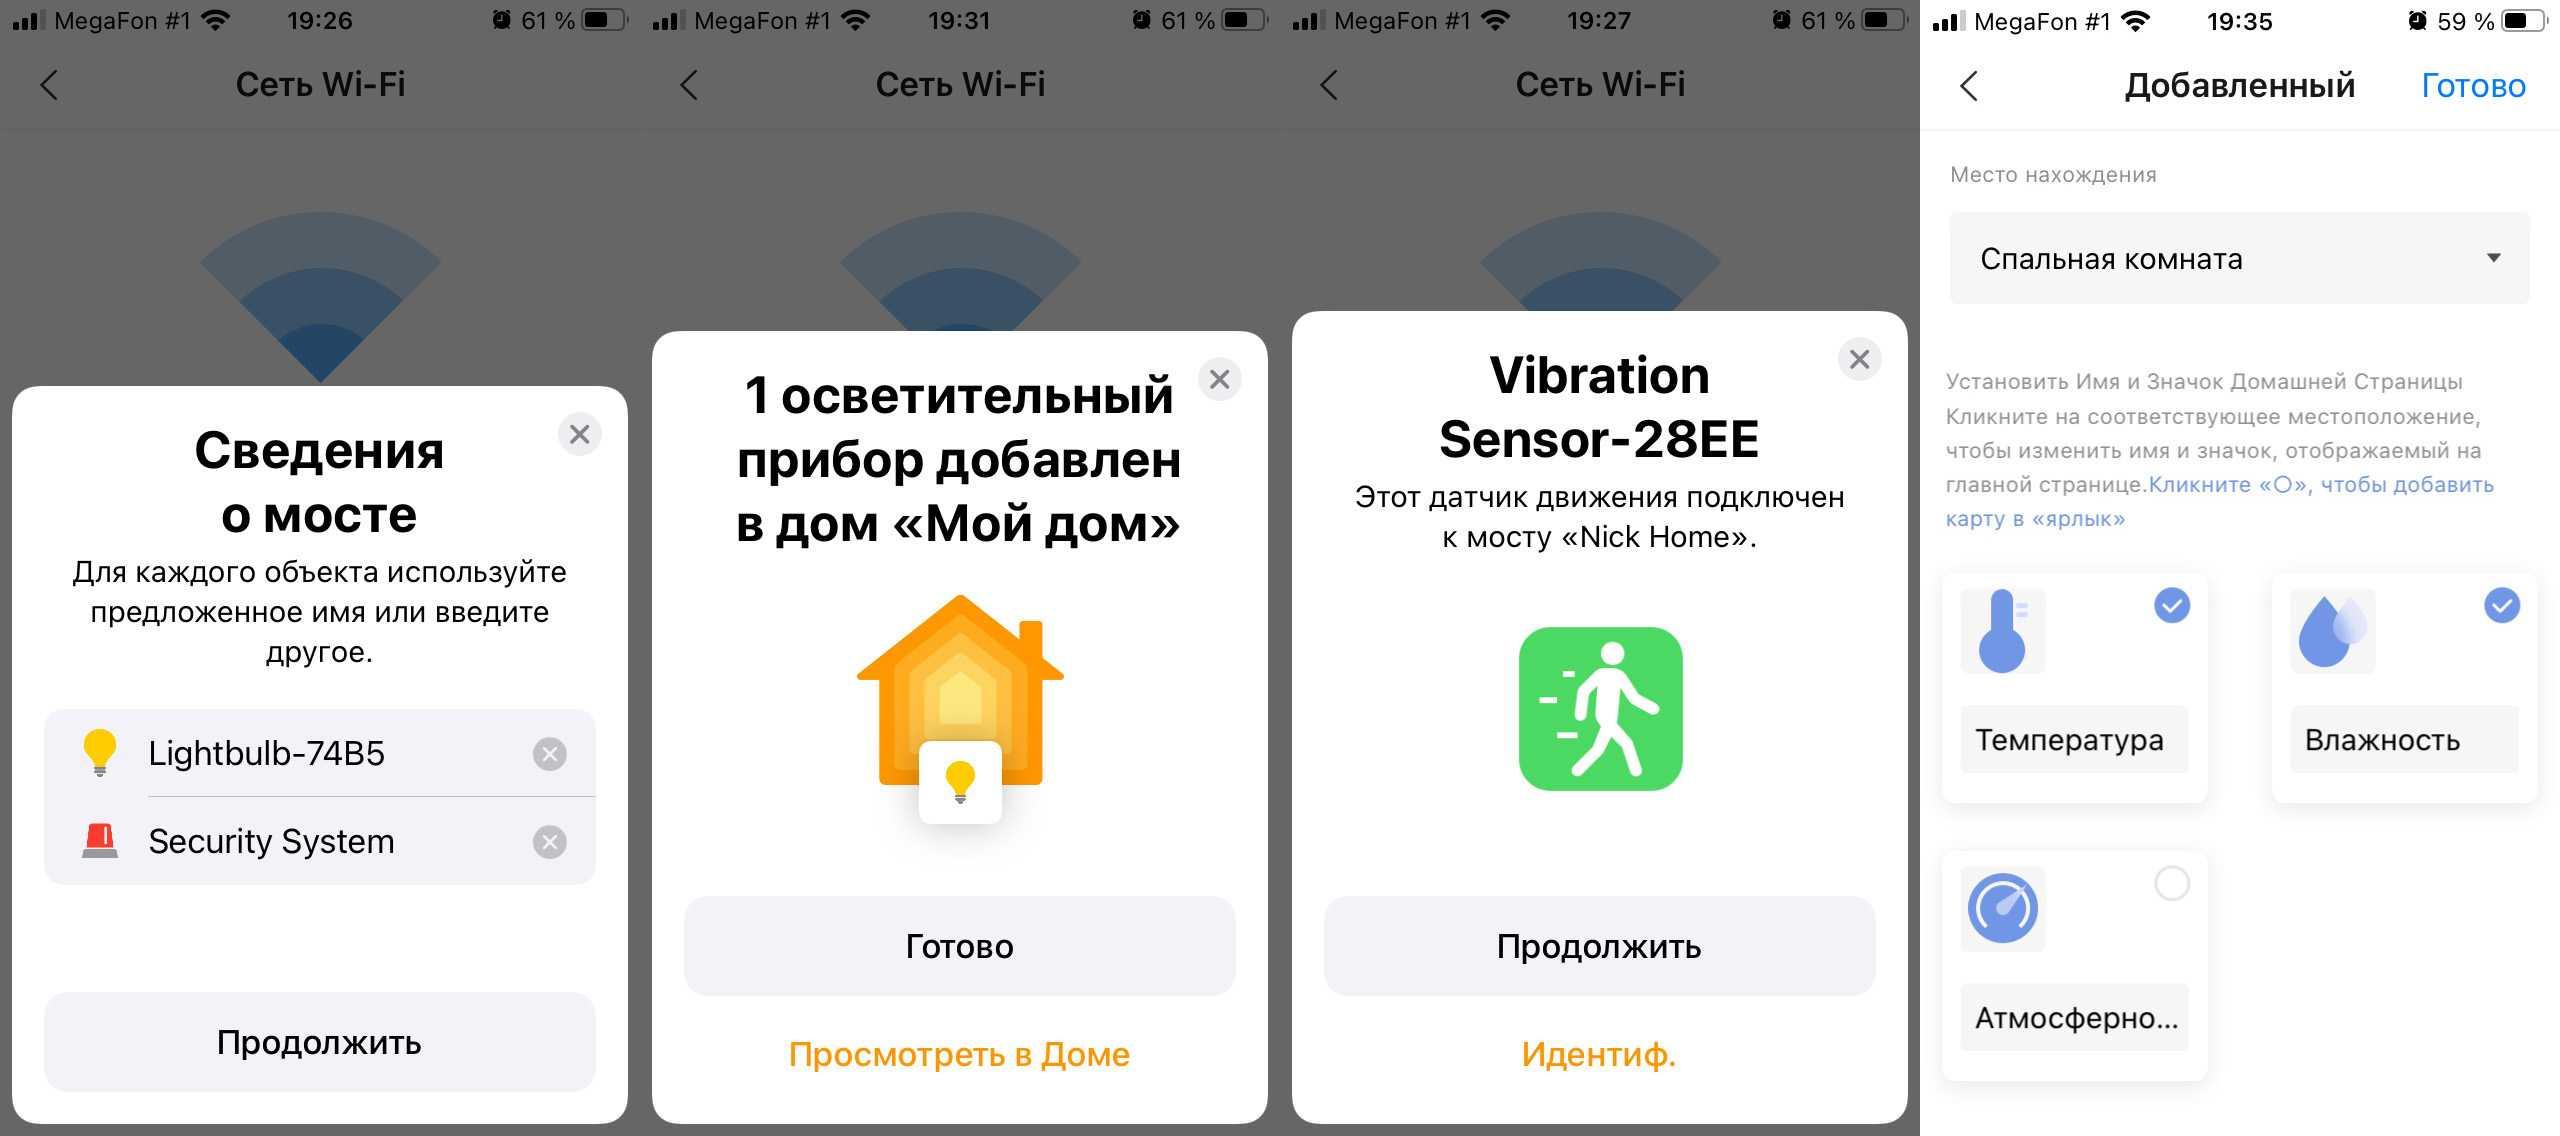 Обзор ipad air 2020: стоит ли он своих денег | appleinsider.ru